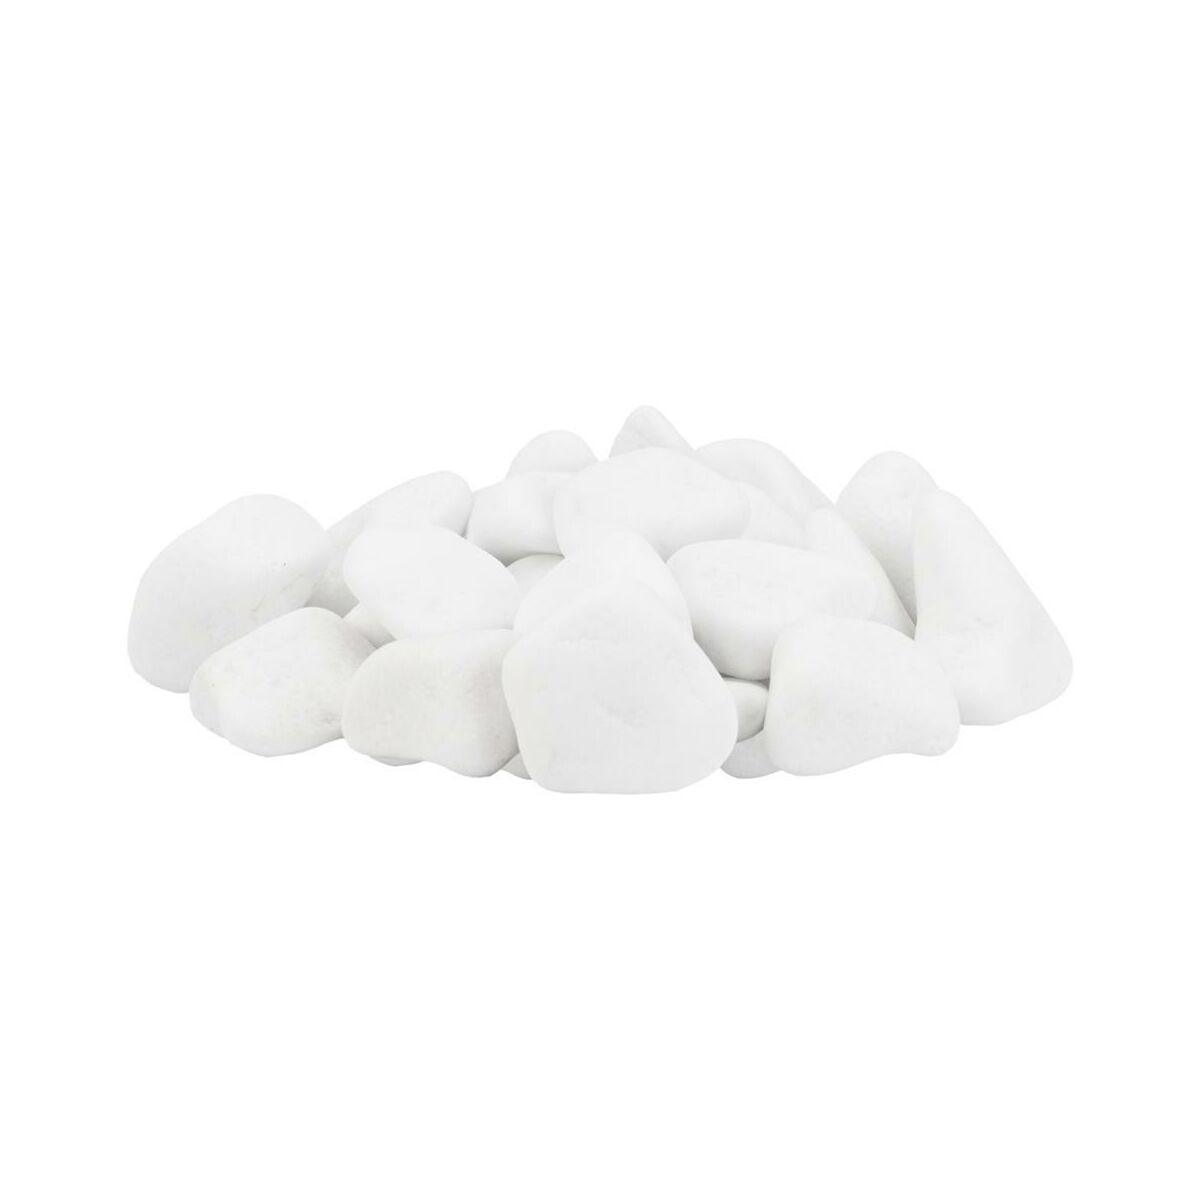 Kamyki Ceramiczne Ozdobne Akcesoria Kominkowe W Atrakcyjnej Cenie W Sklepach Leroy Merlin